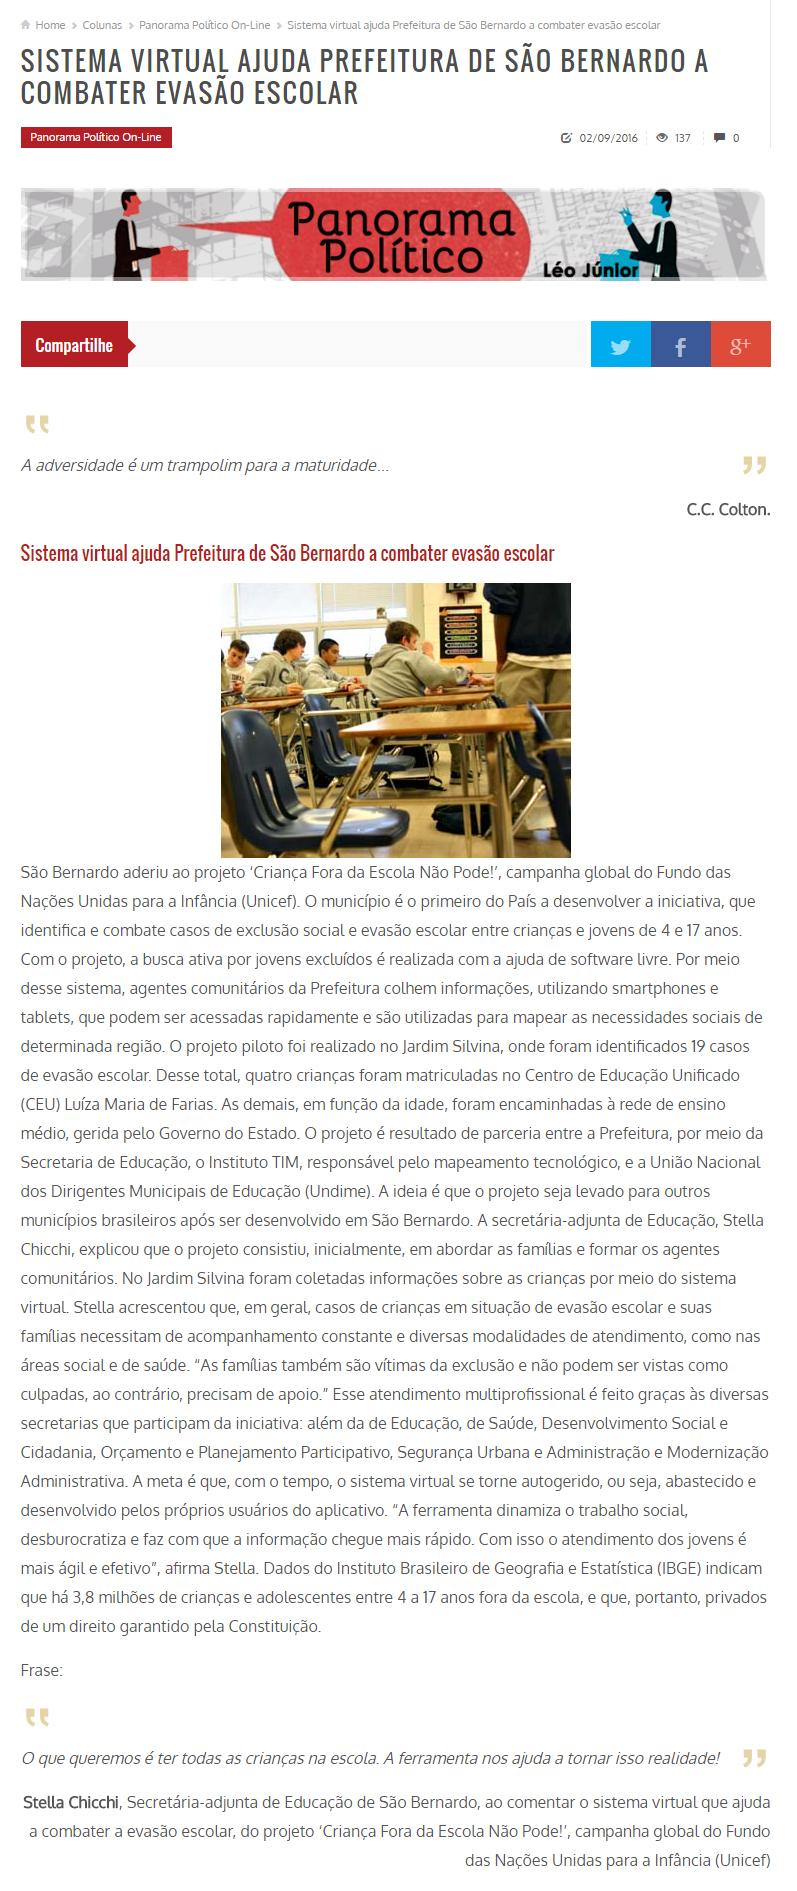 02_09_2016-sistema-virtual-ajuda-prefeitura-de-sao-bernardo-a-combater-evasao-escolar-cliqueabc